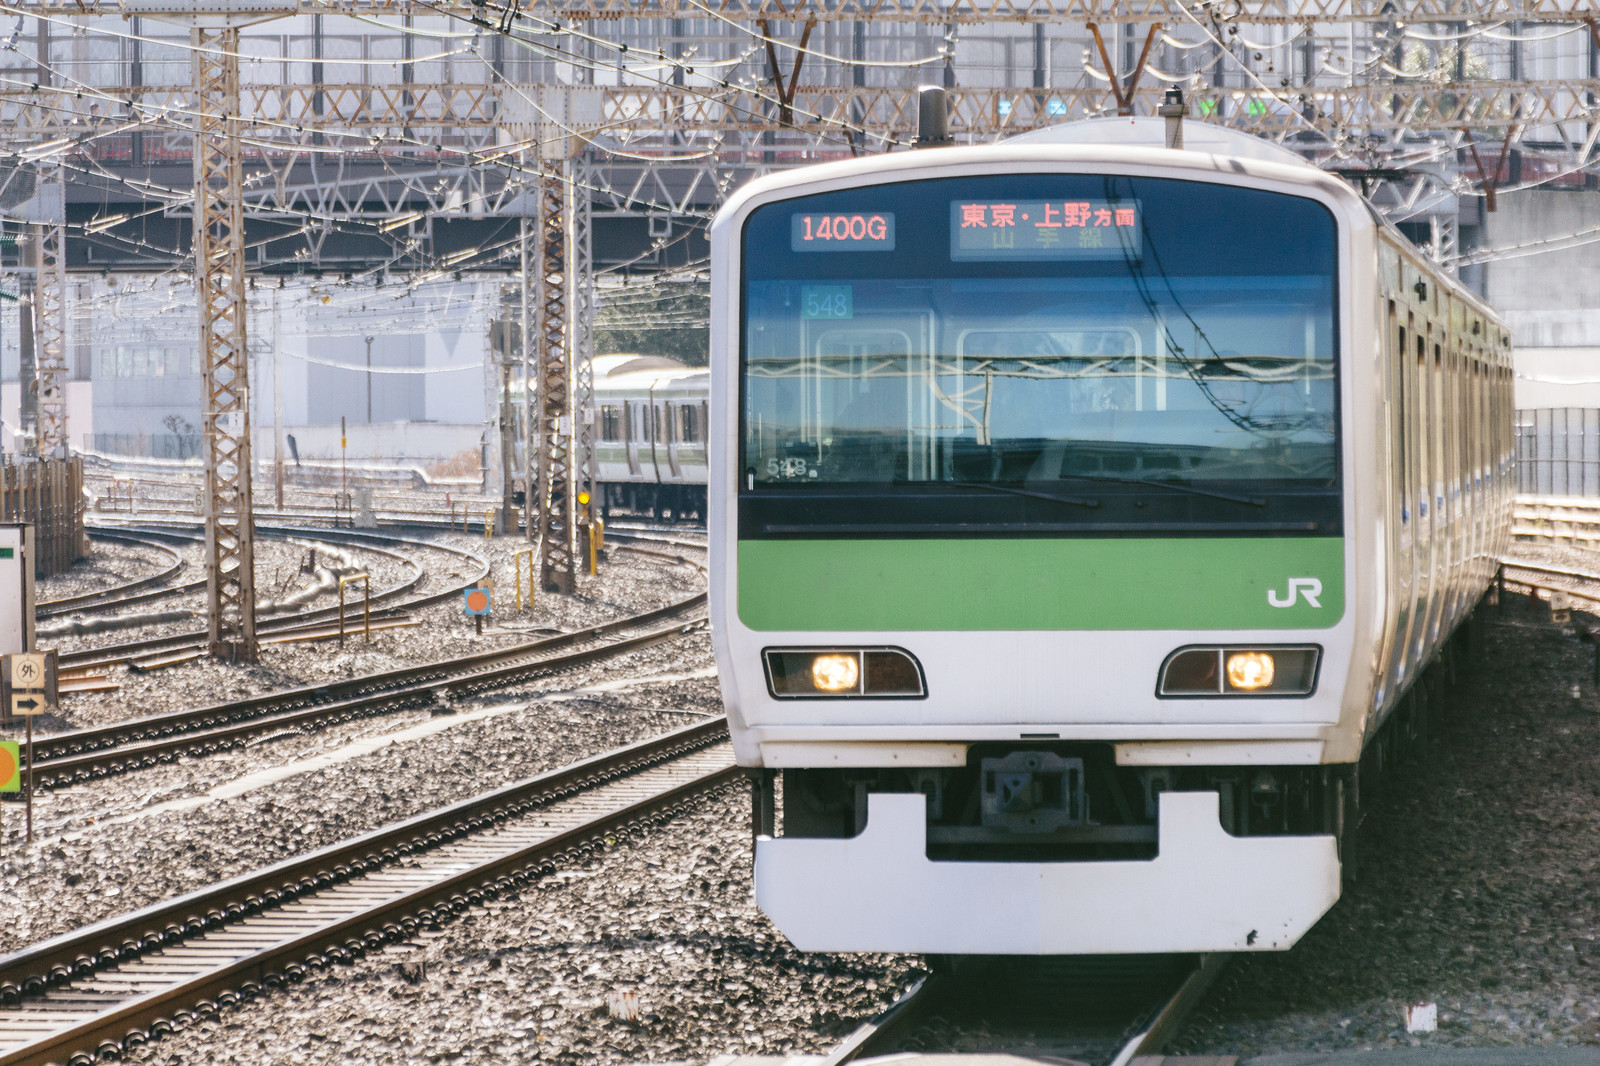 電車のデジタルサイネージ広告